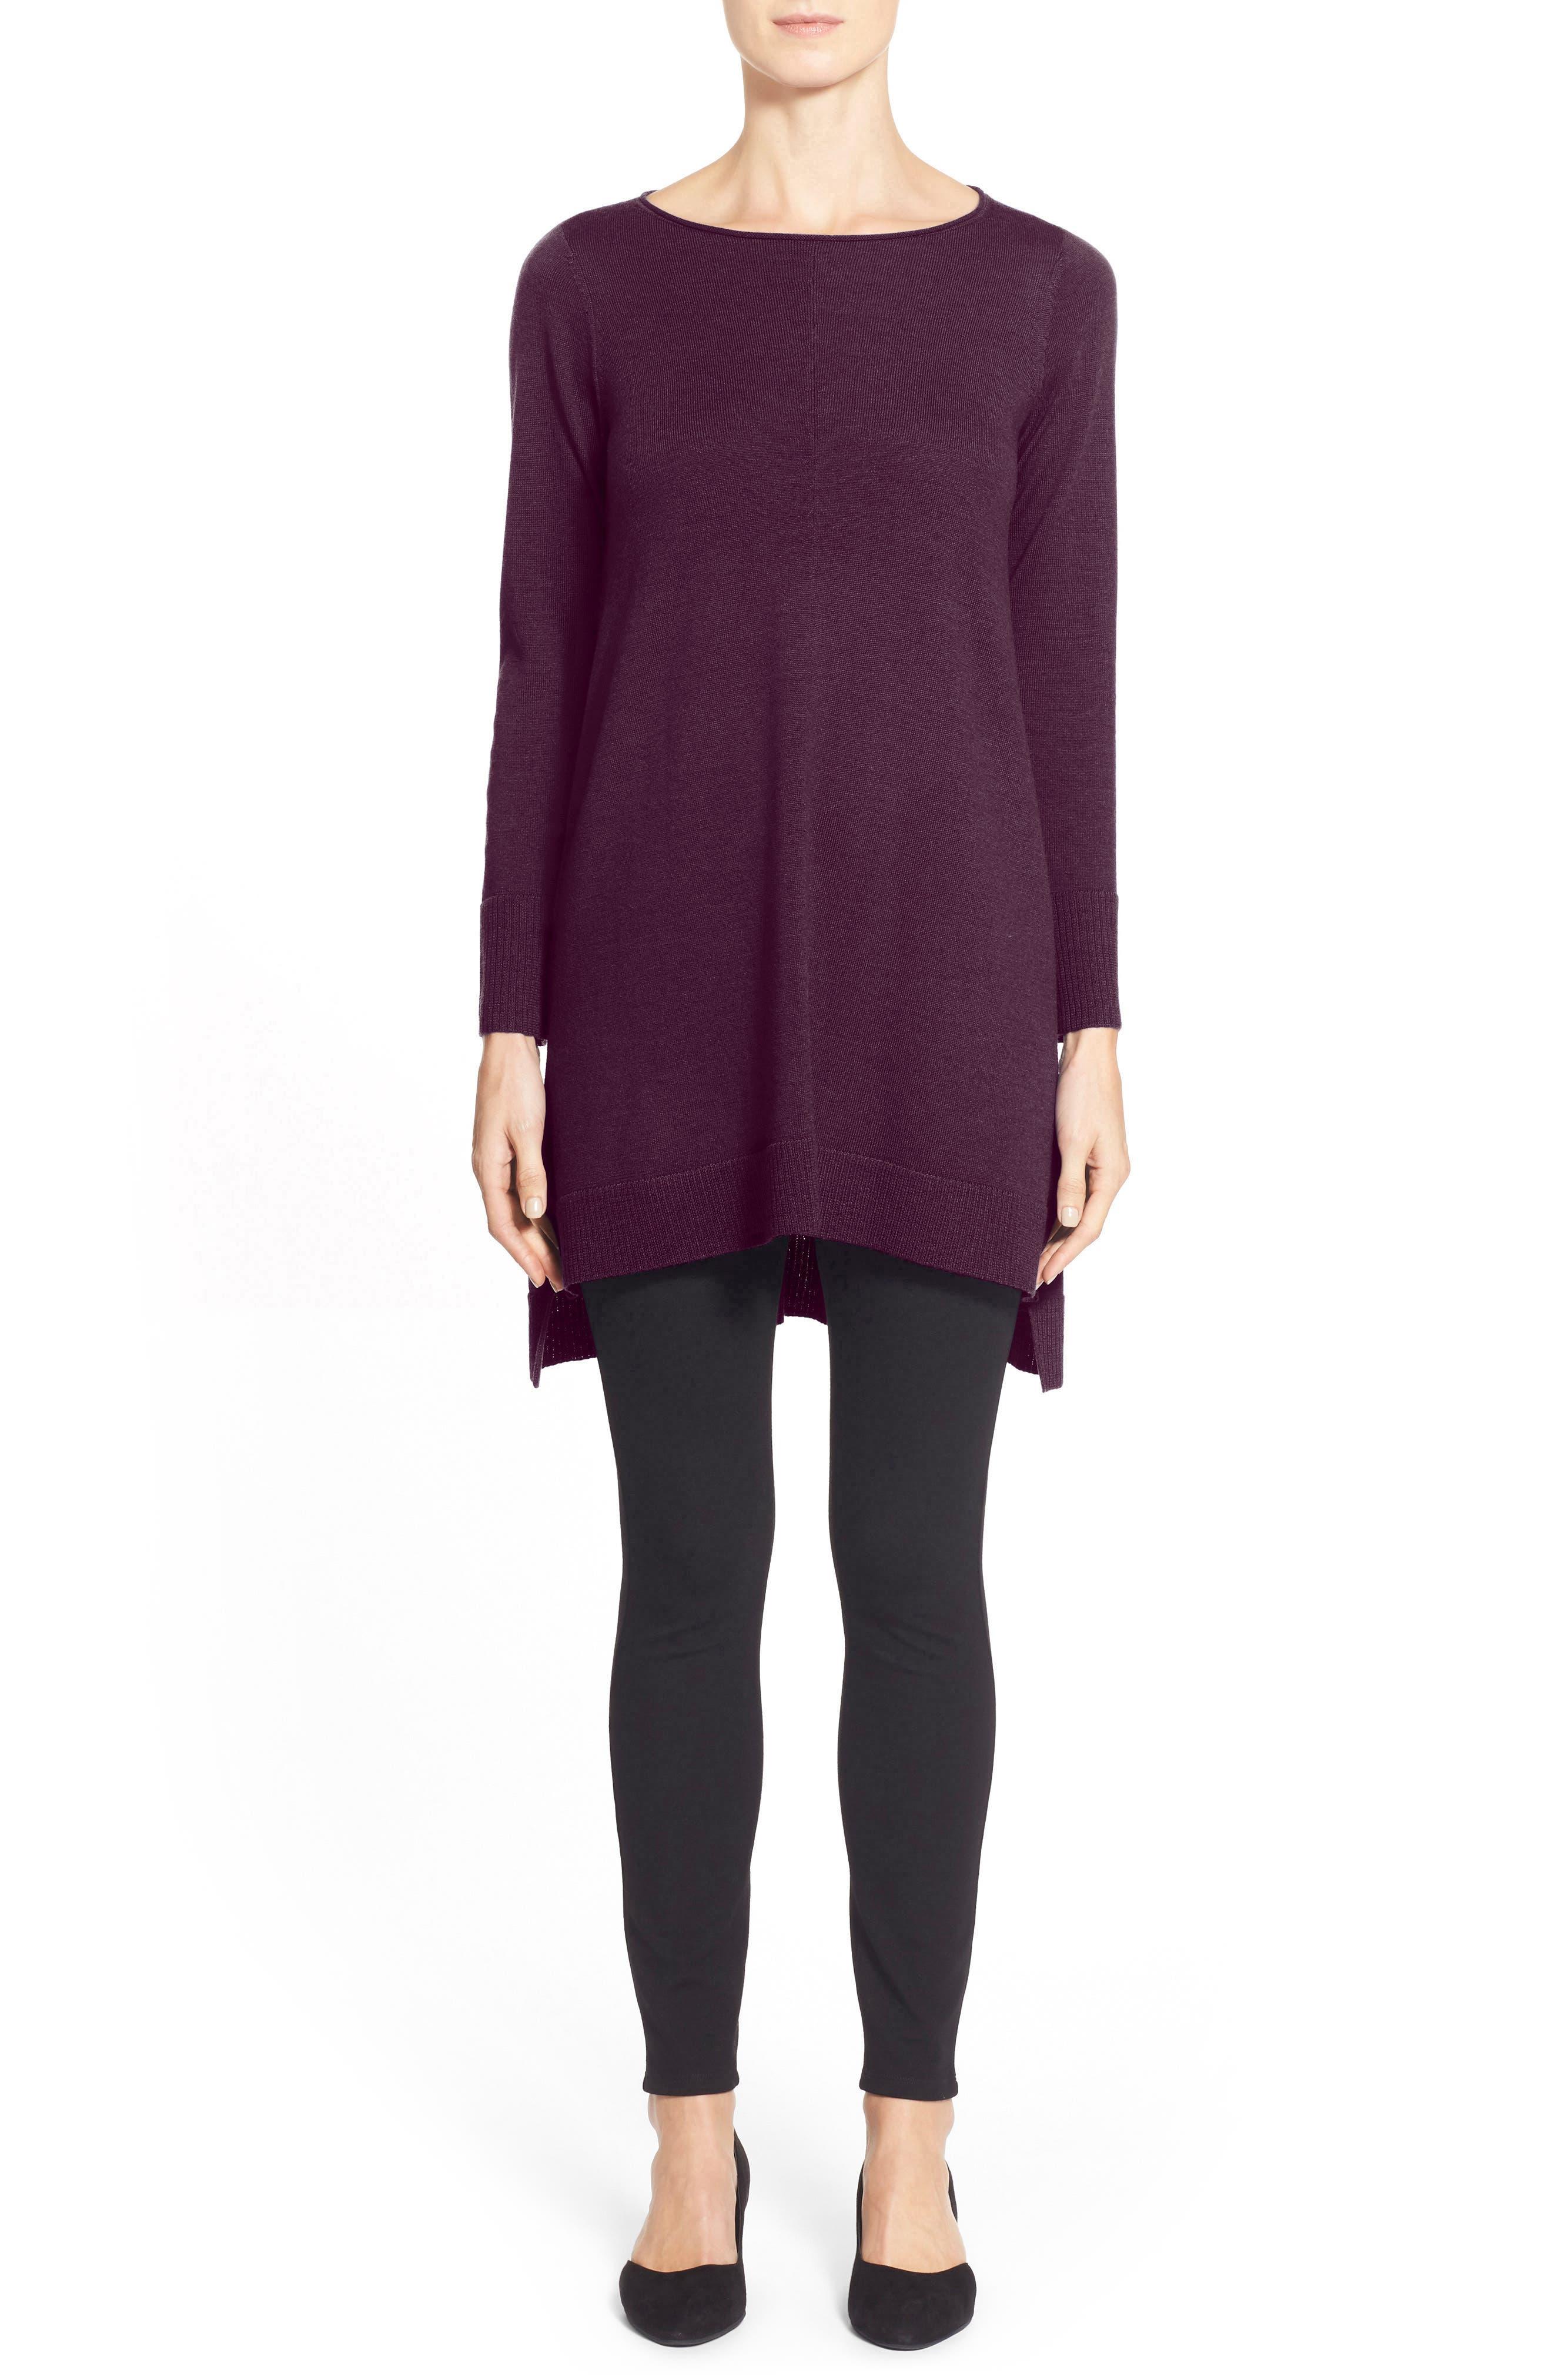 Main Image - Eileen Fisher Merino Jersey Tunic